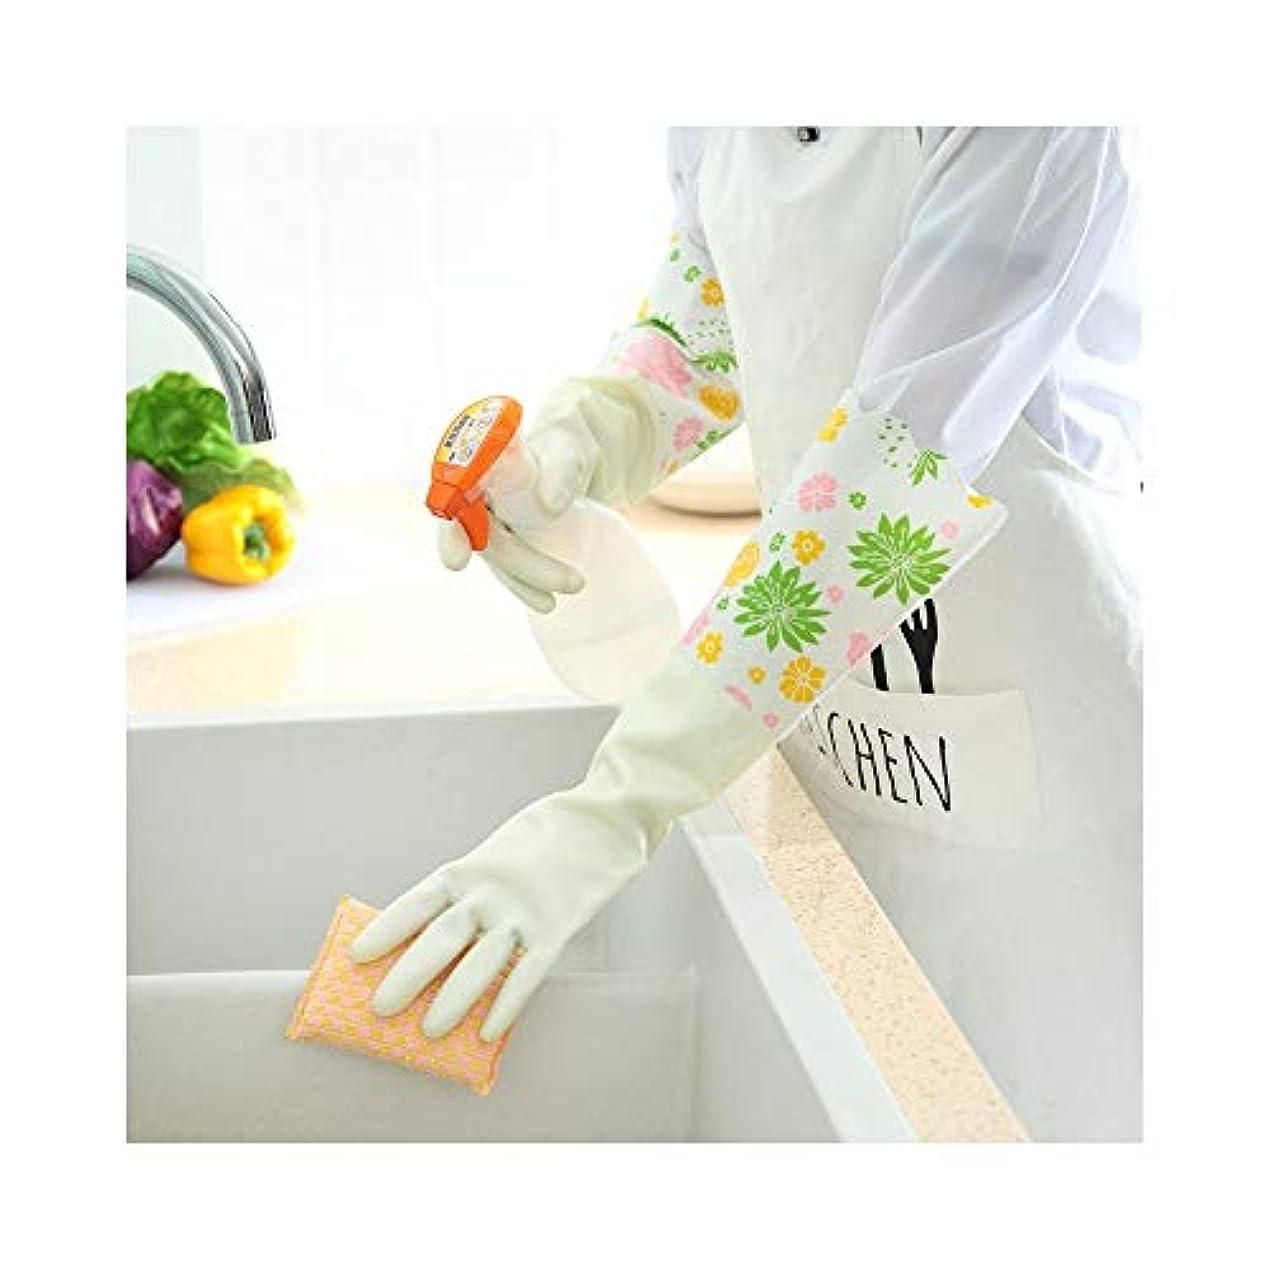 経度機会テレビを見るニトリルゴム手袋 キッチン用手袋防水性と耐久性のあるゴム製家事用手袋、1ペア 使い捨て手袋 (Color : GREEN, Size : L)